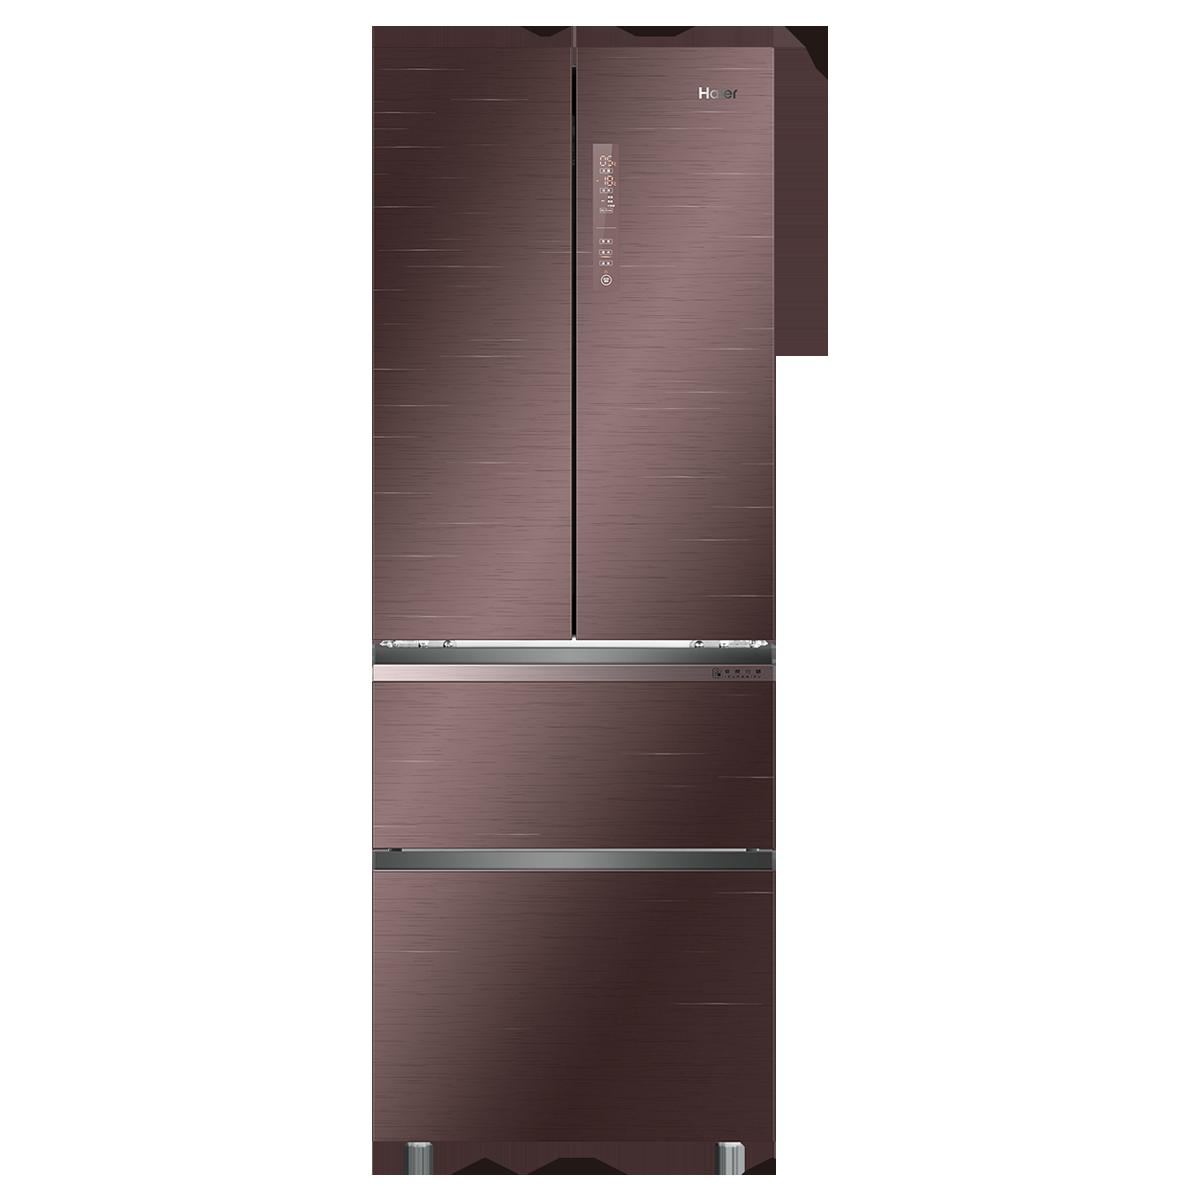 海尔Haier冰箱 BCD-332WDGR 说明书